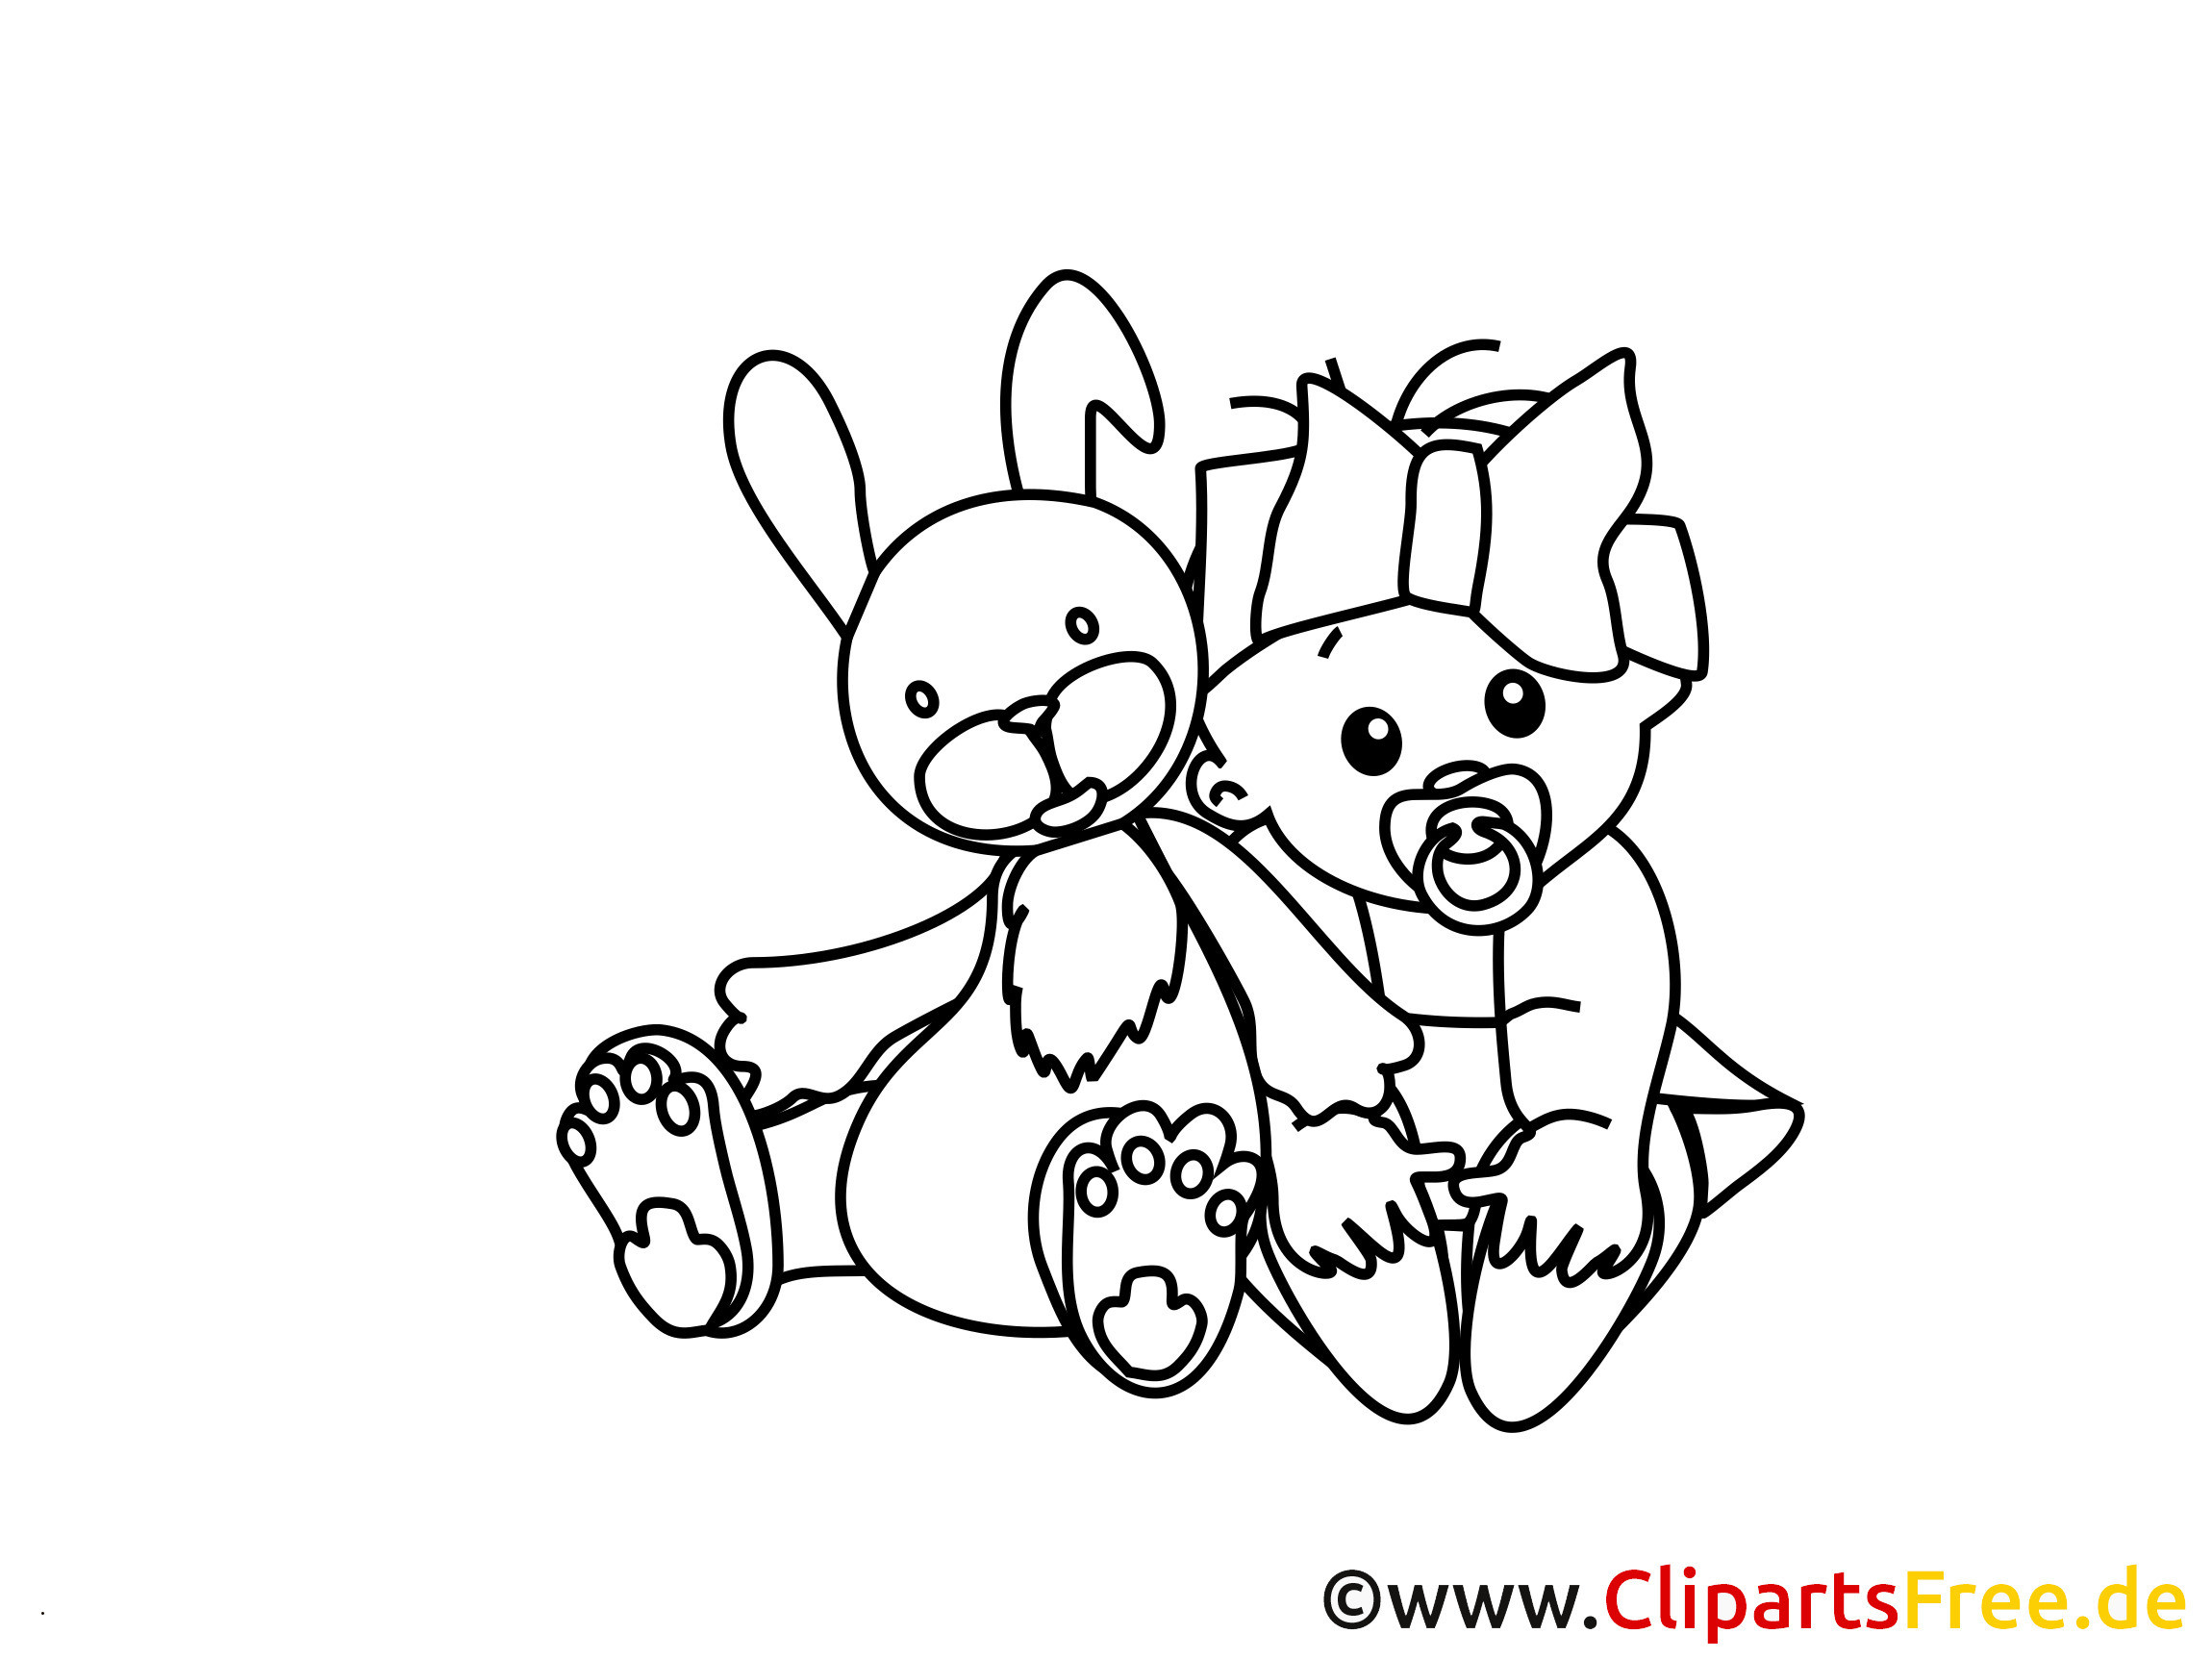 Hase Zum Ausdrucken Frisch 36 Skizze Hasen Malvorlagen Zum Ausdrucken Treehouse Nyc Das Bild